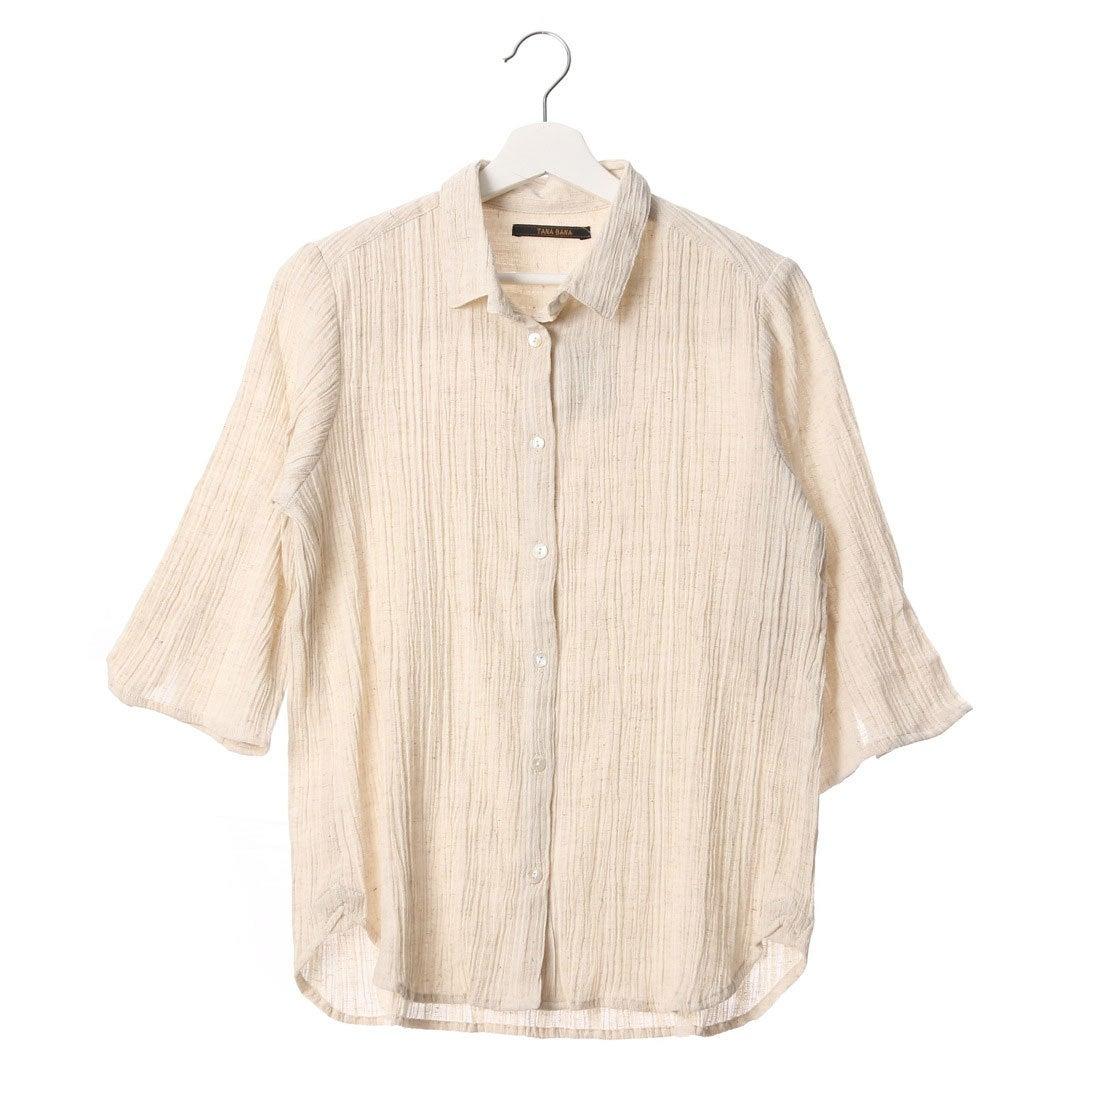 【SALE 50%OFF】カンカン KANKAN ドビークレープシャツ (ナチュラル)